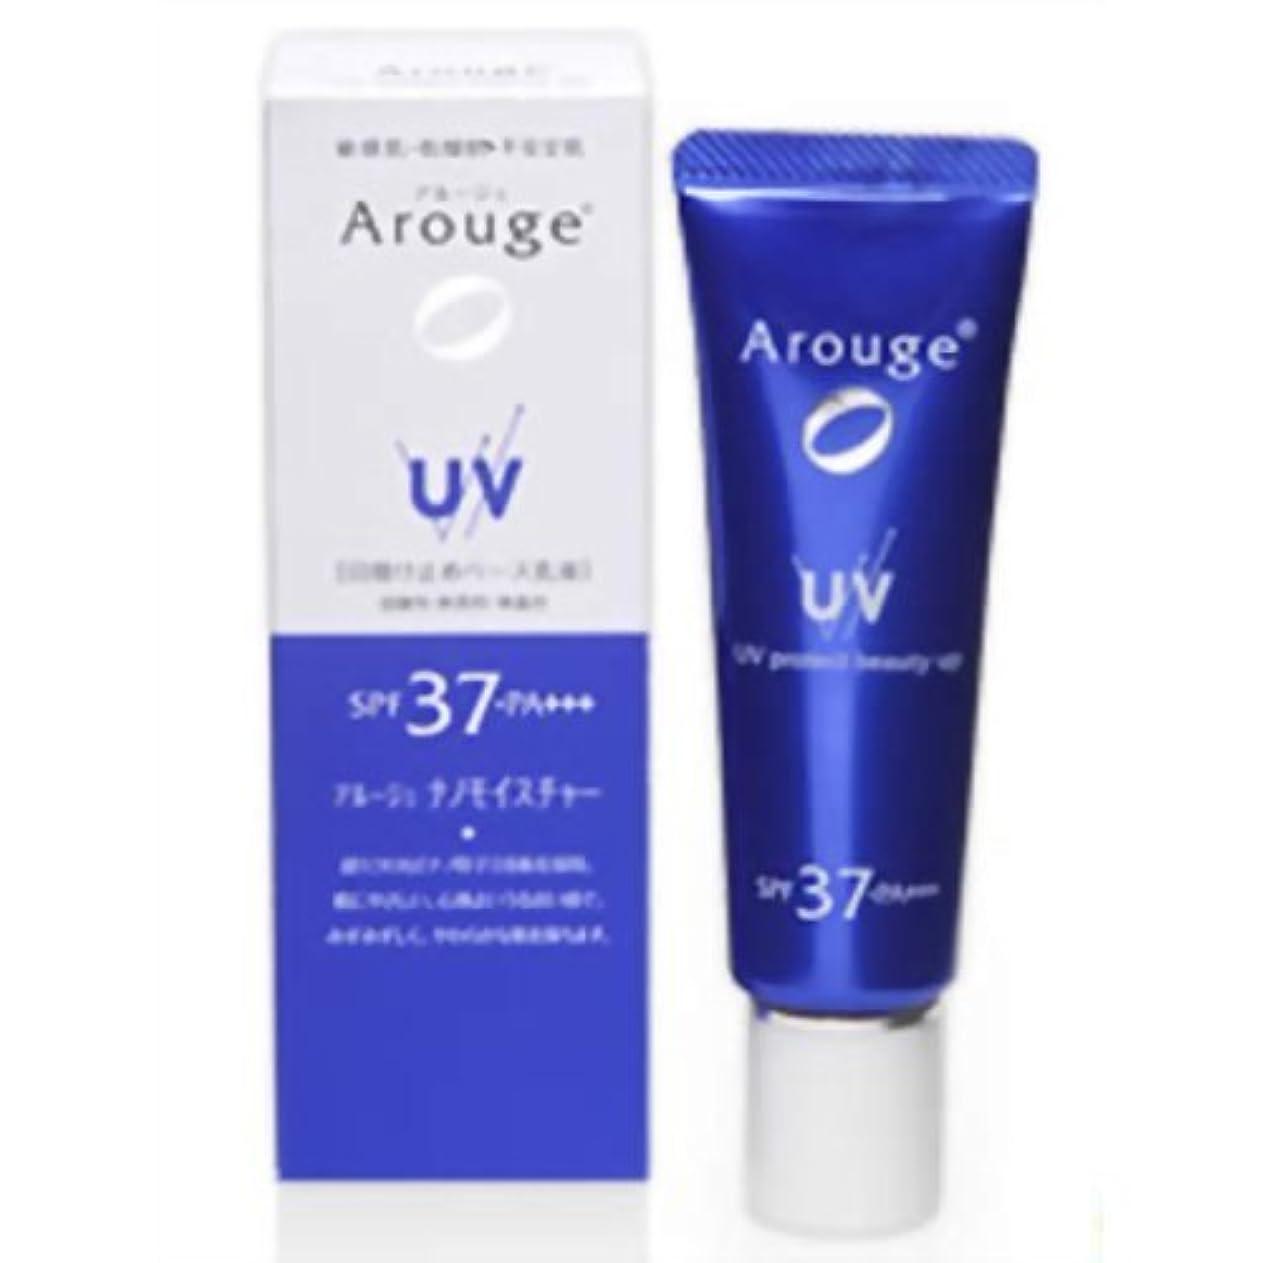 プレフィックスパラシュート上へアルージェ UVプロテクトビューティーアップ 25g